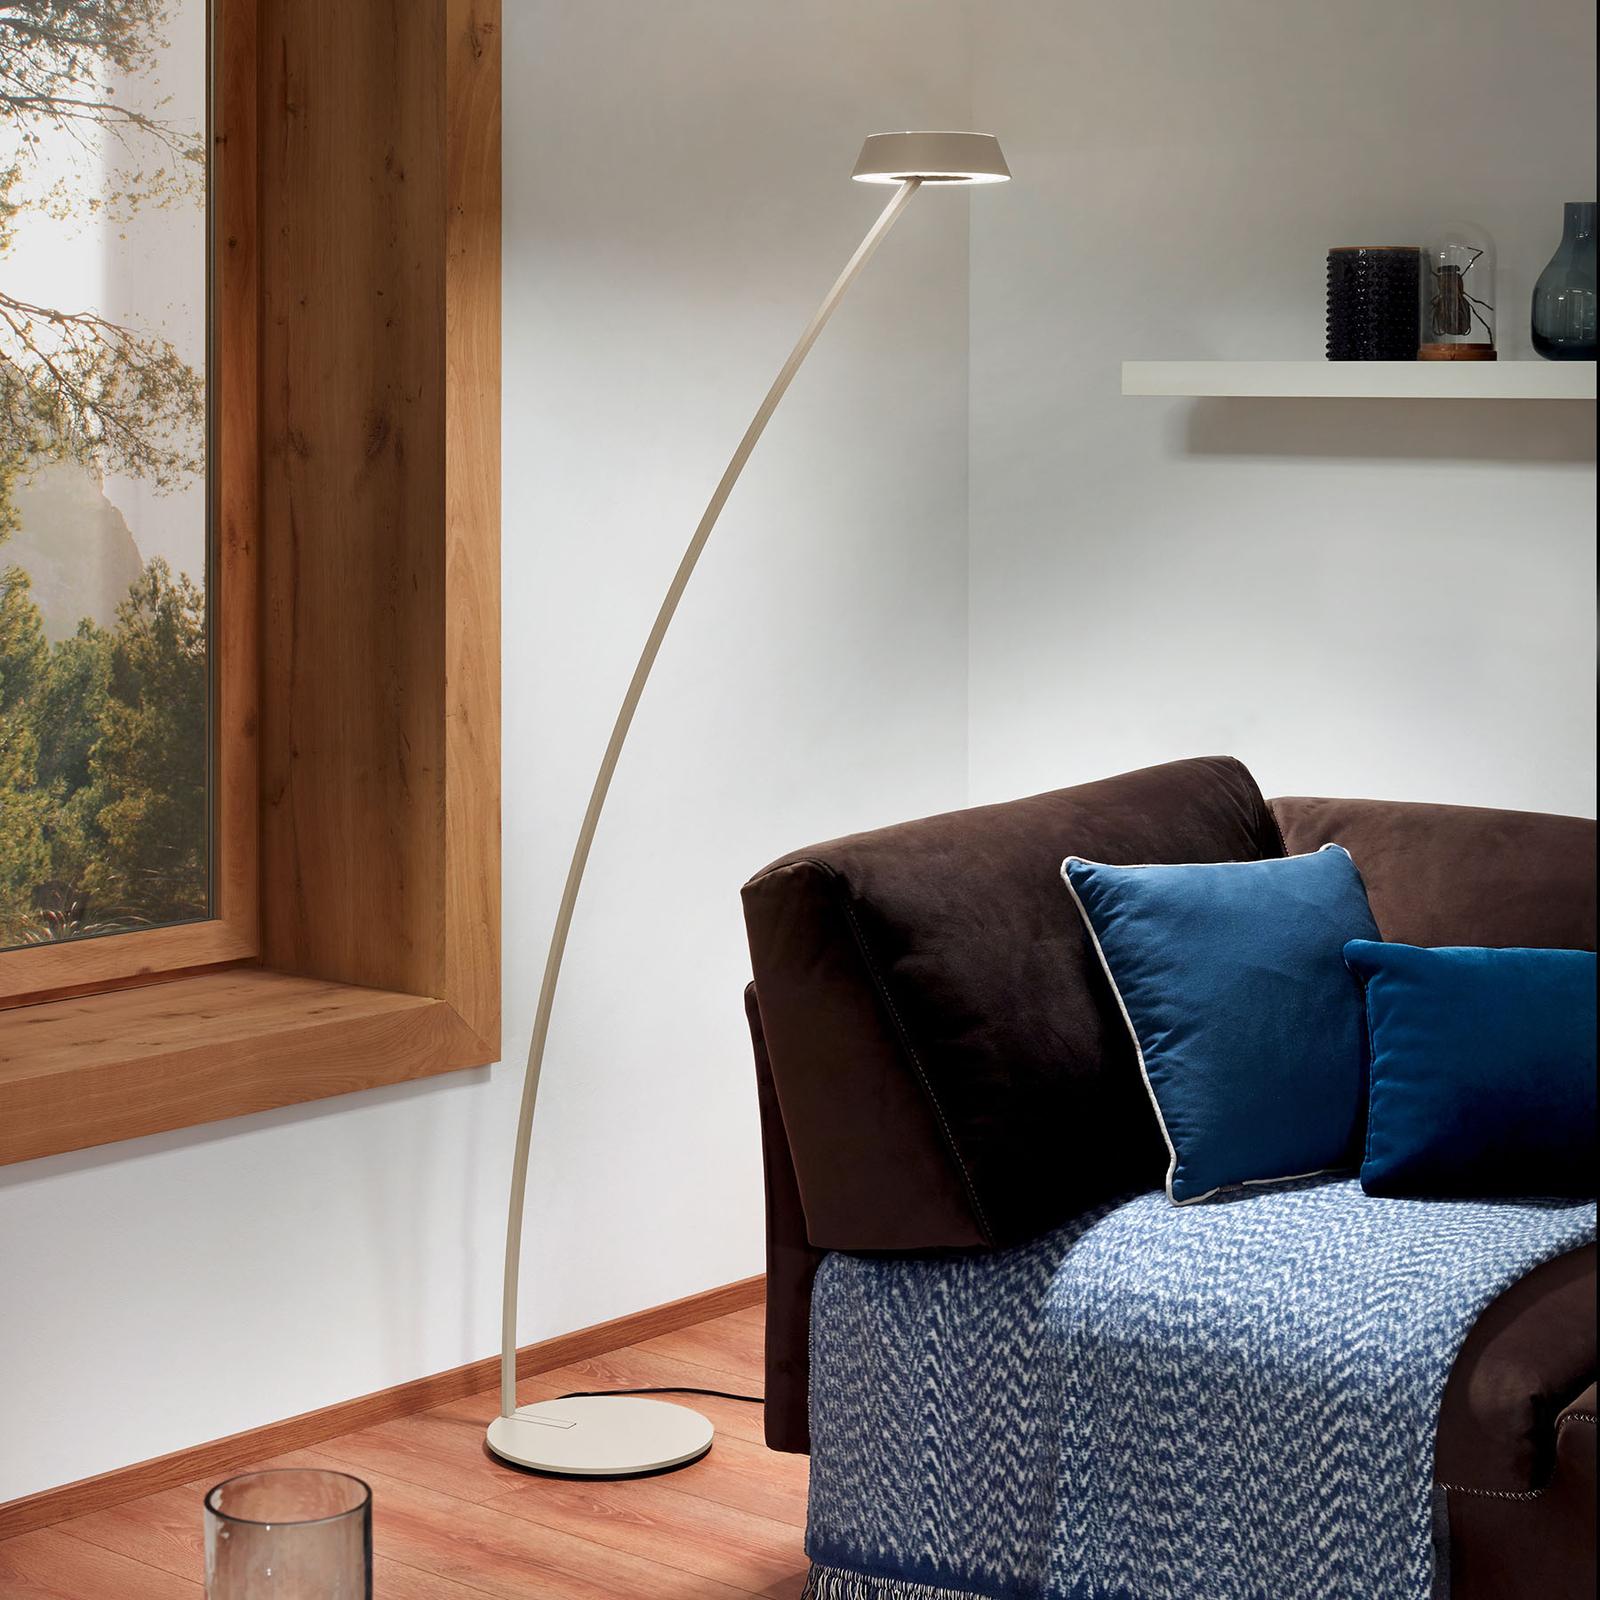 OLIGO Glance LED vloerlamp gebogen Cashmere